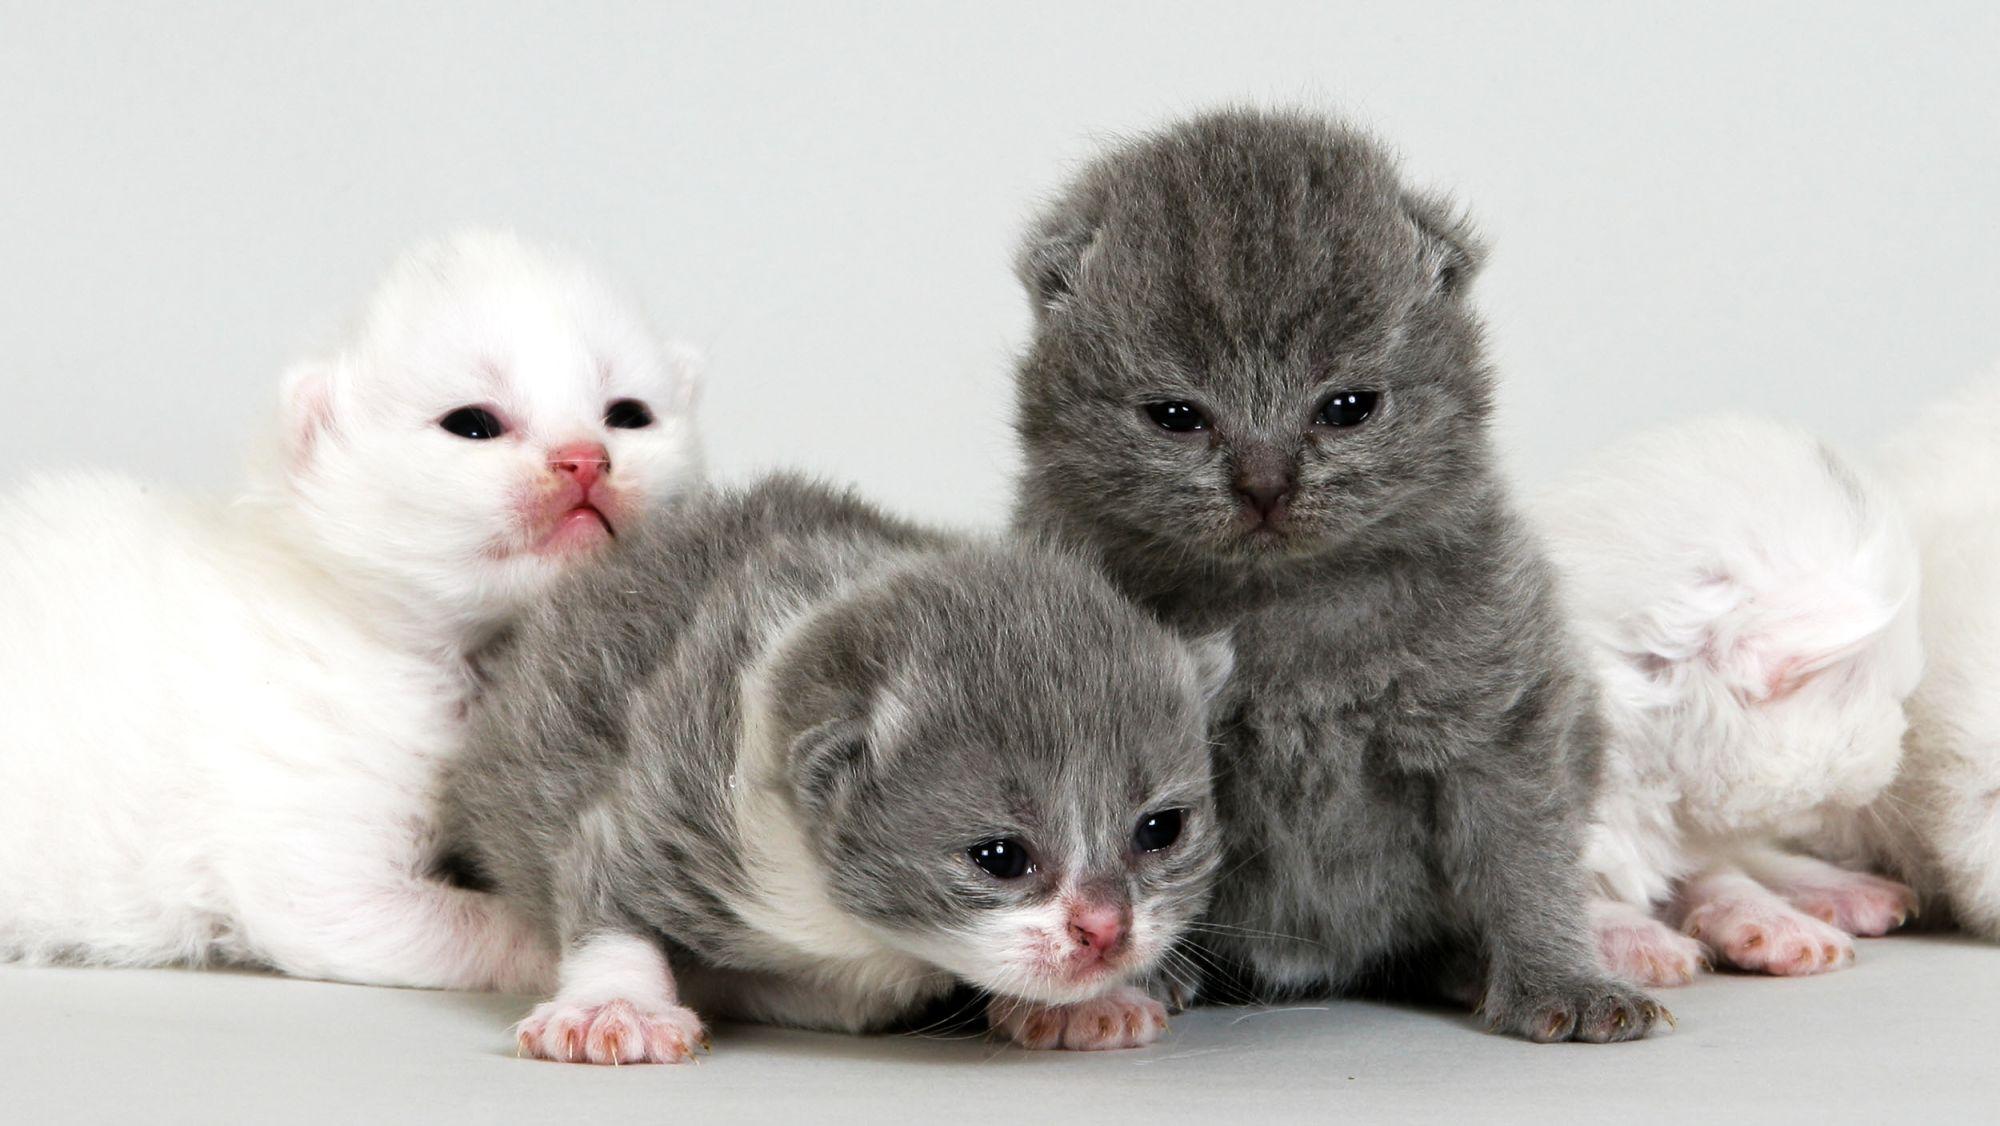 함께 앉아 있는 브리티시 숏헤어 새끼 고양이